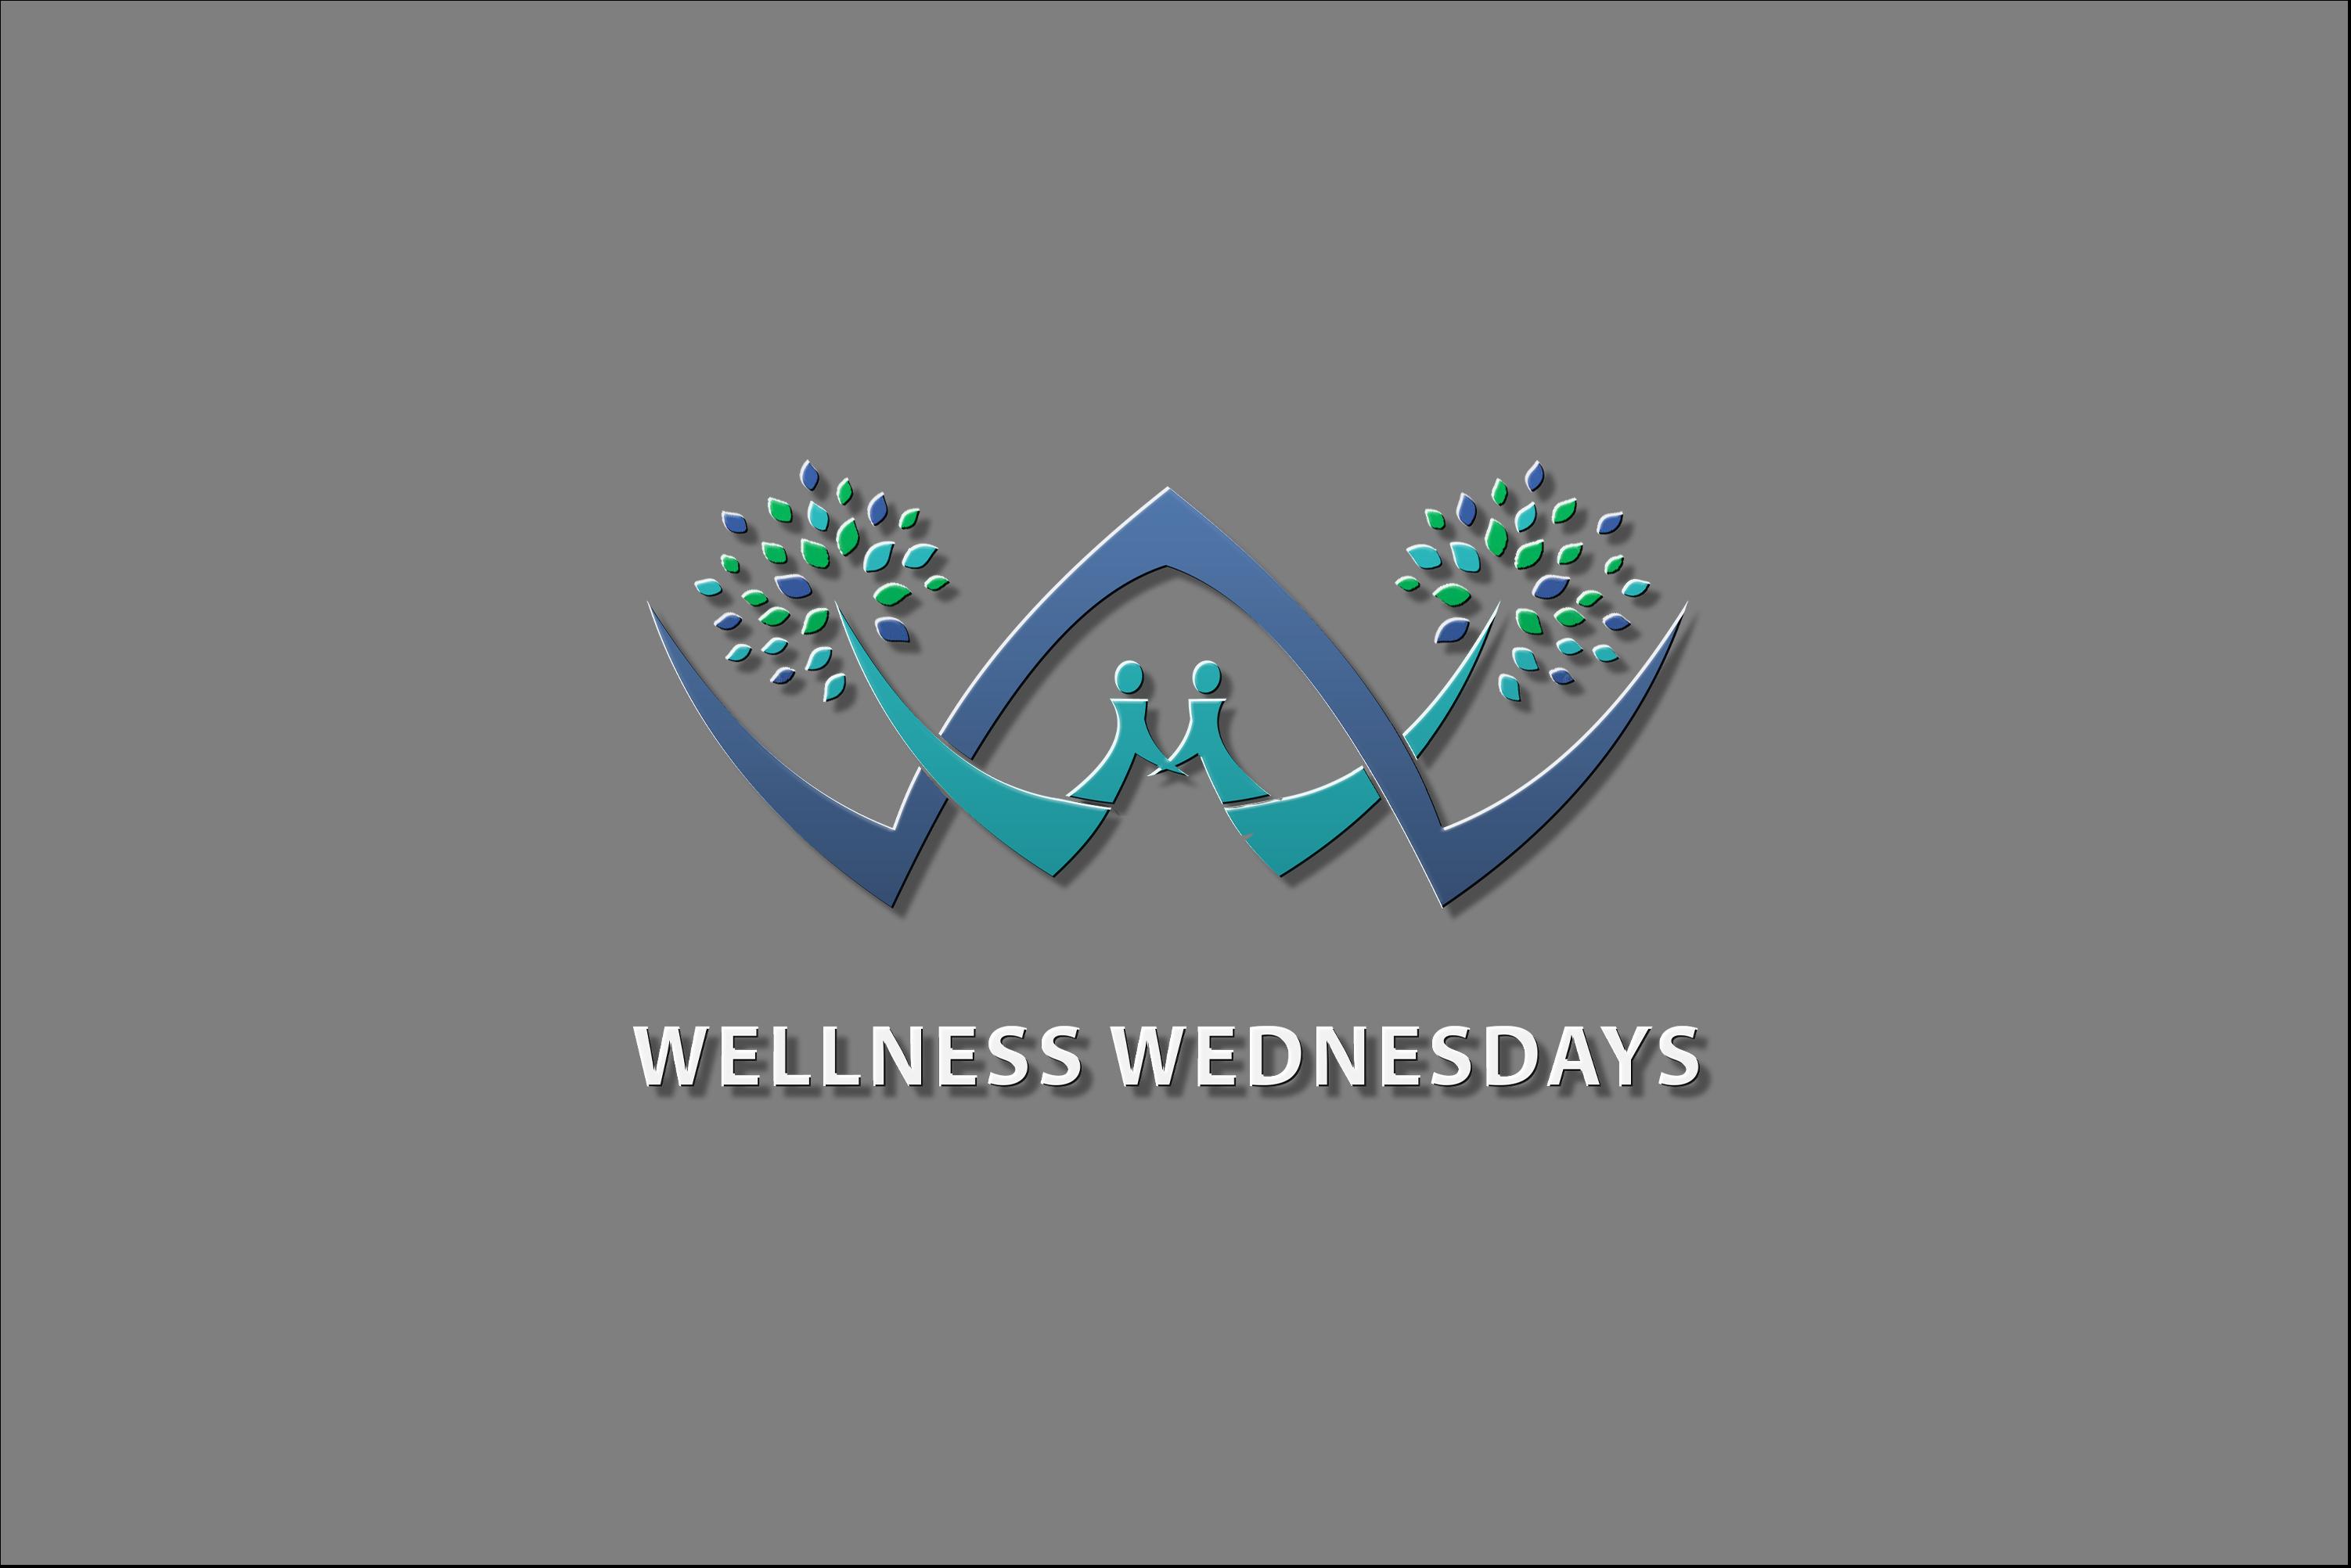 Wellness Wednesday September 8, 2021